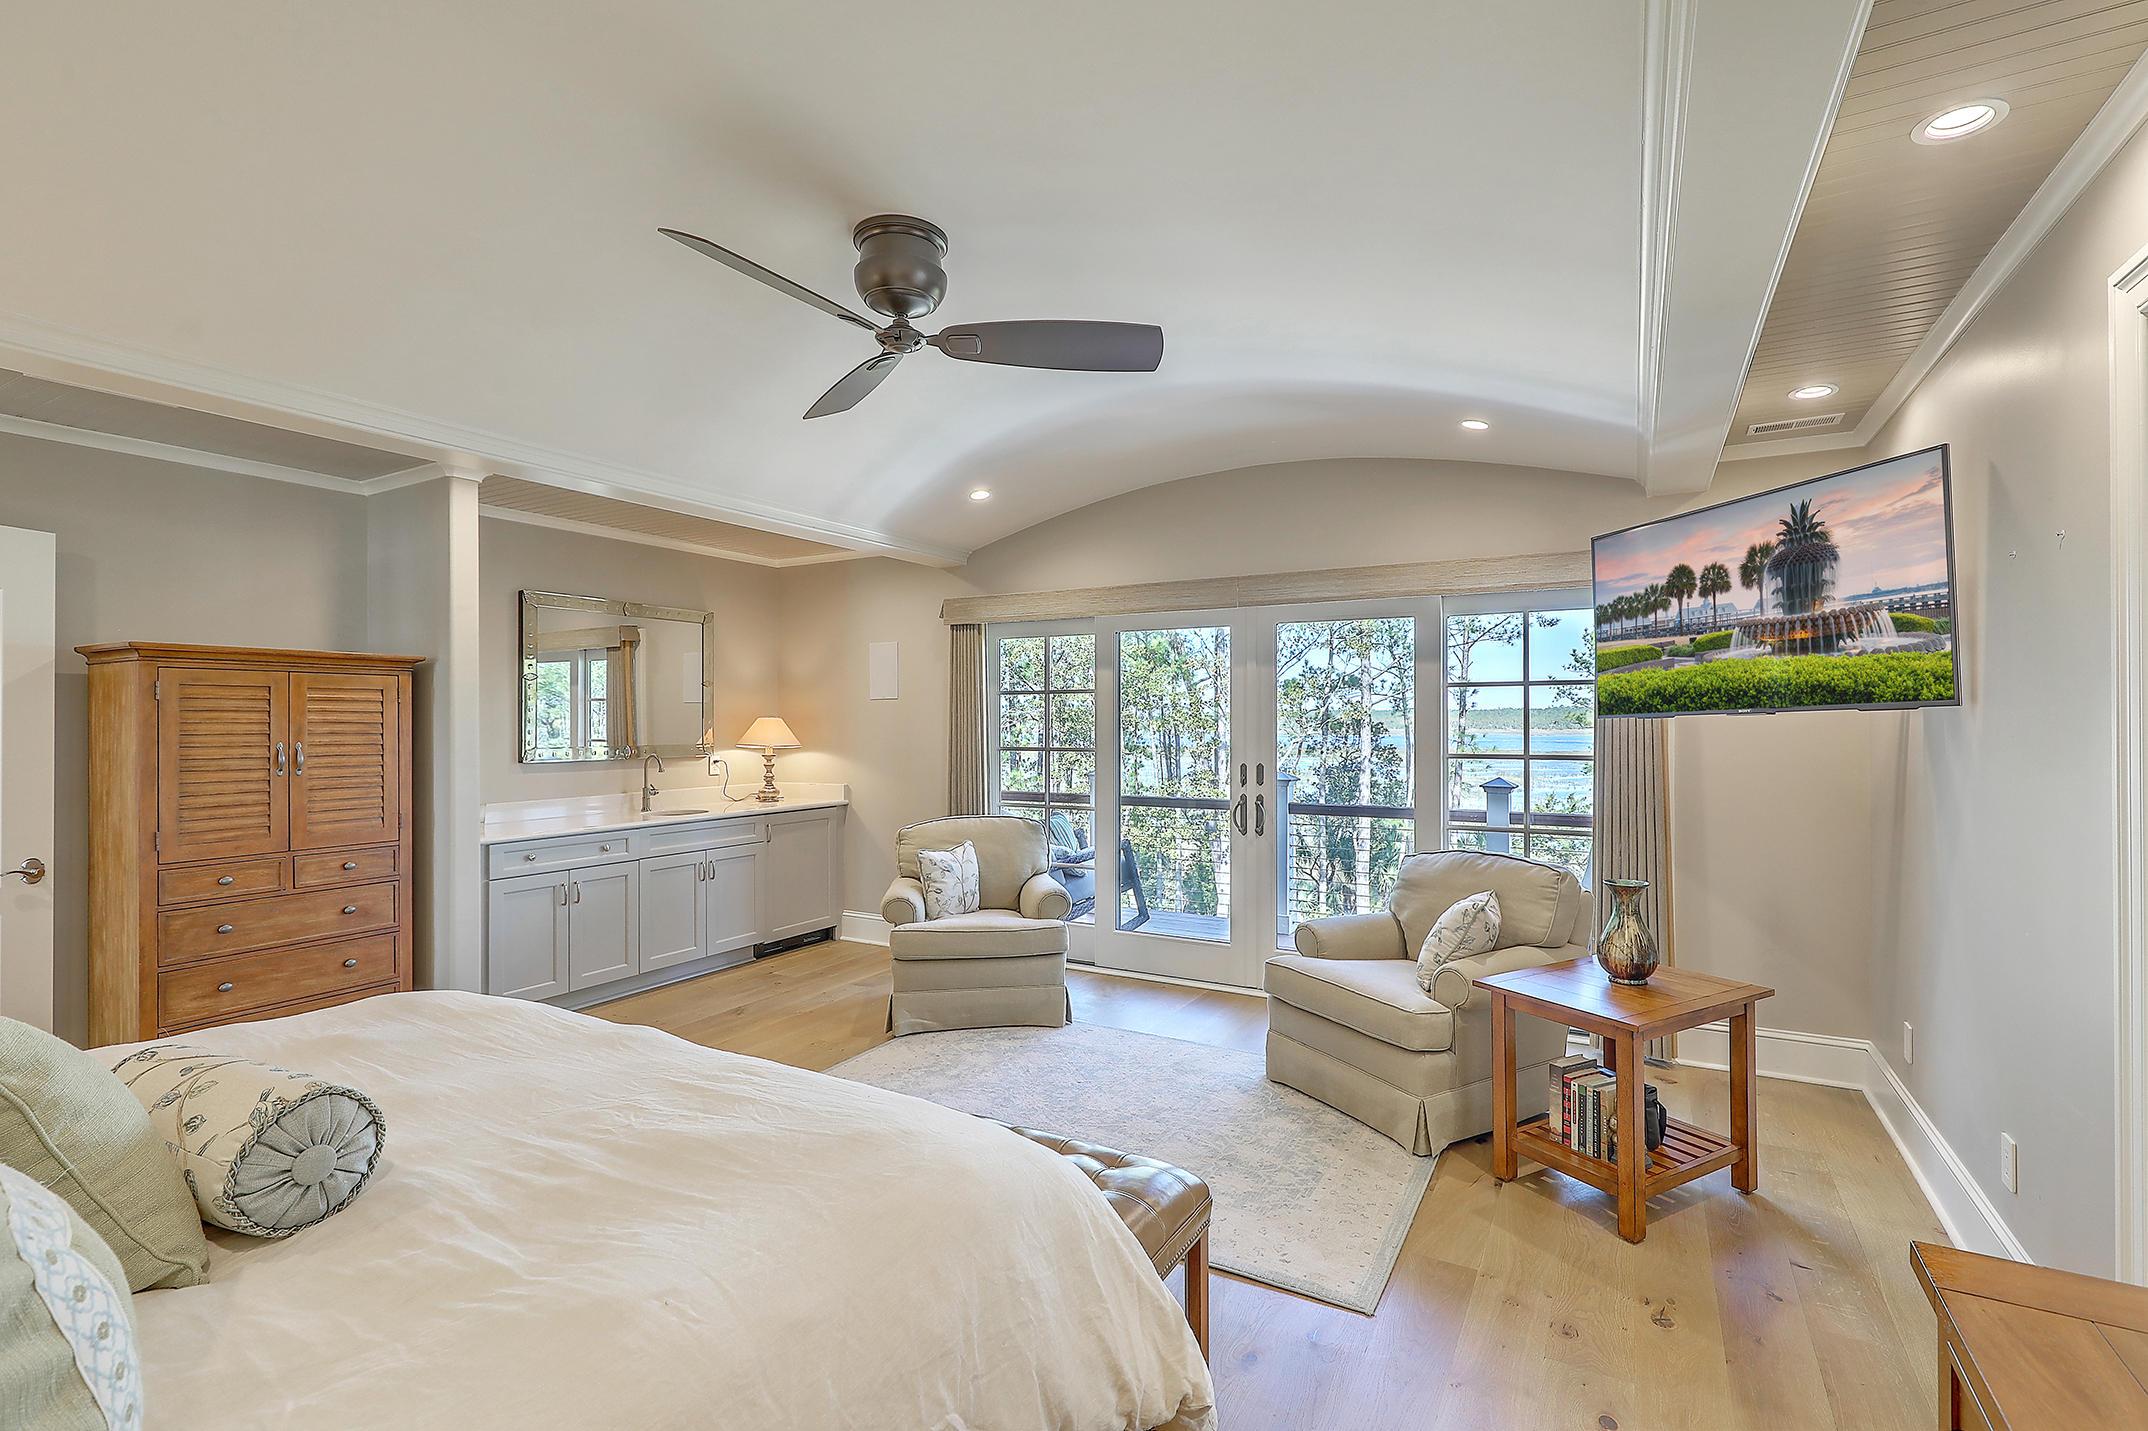 Park West Homes For Sale - 3905 Ashton Shore, Mount Pleasant, SC - 58